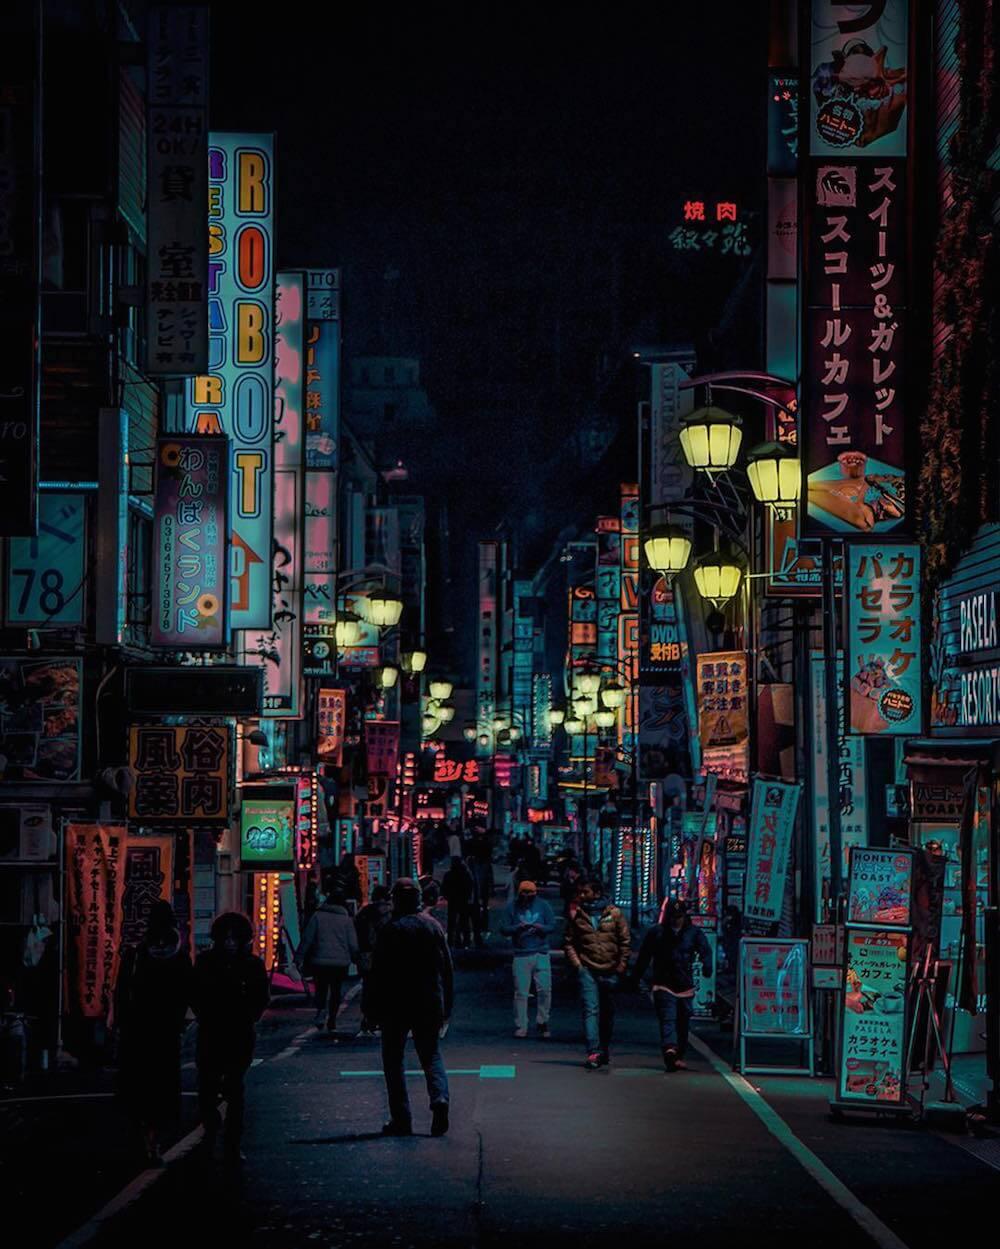 tokyos-night-life-liam-wong-freeyork-8